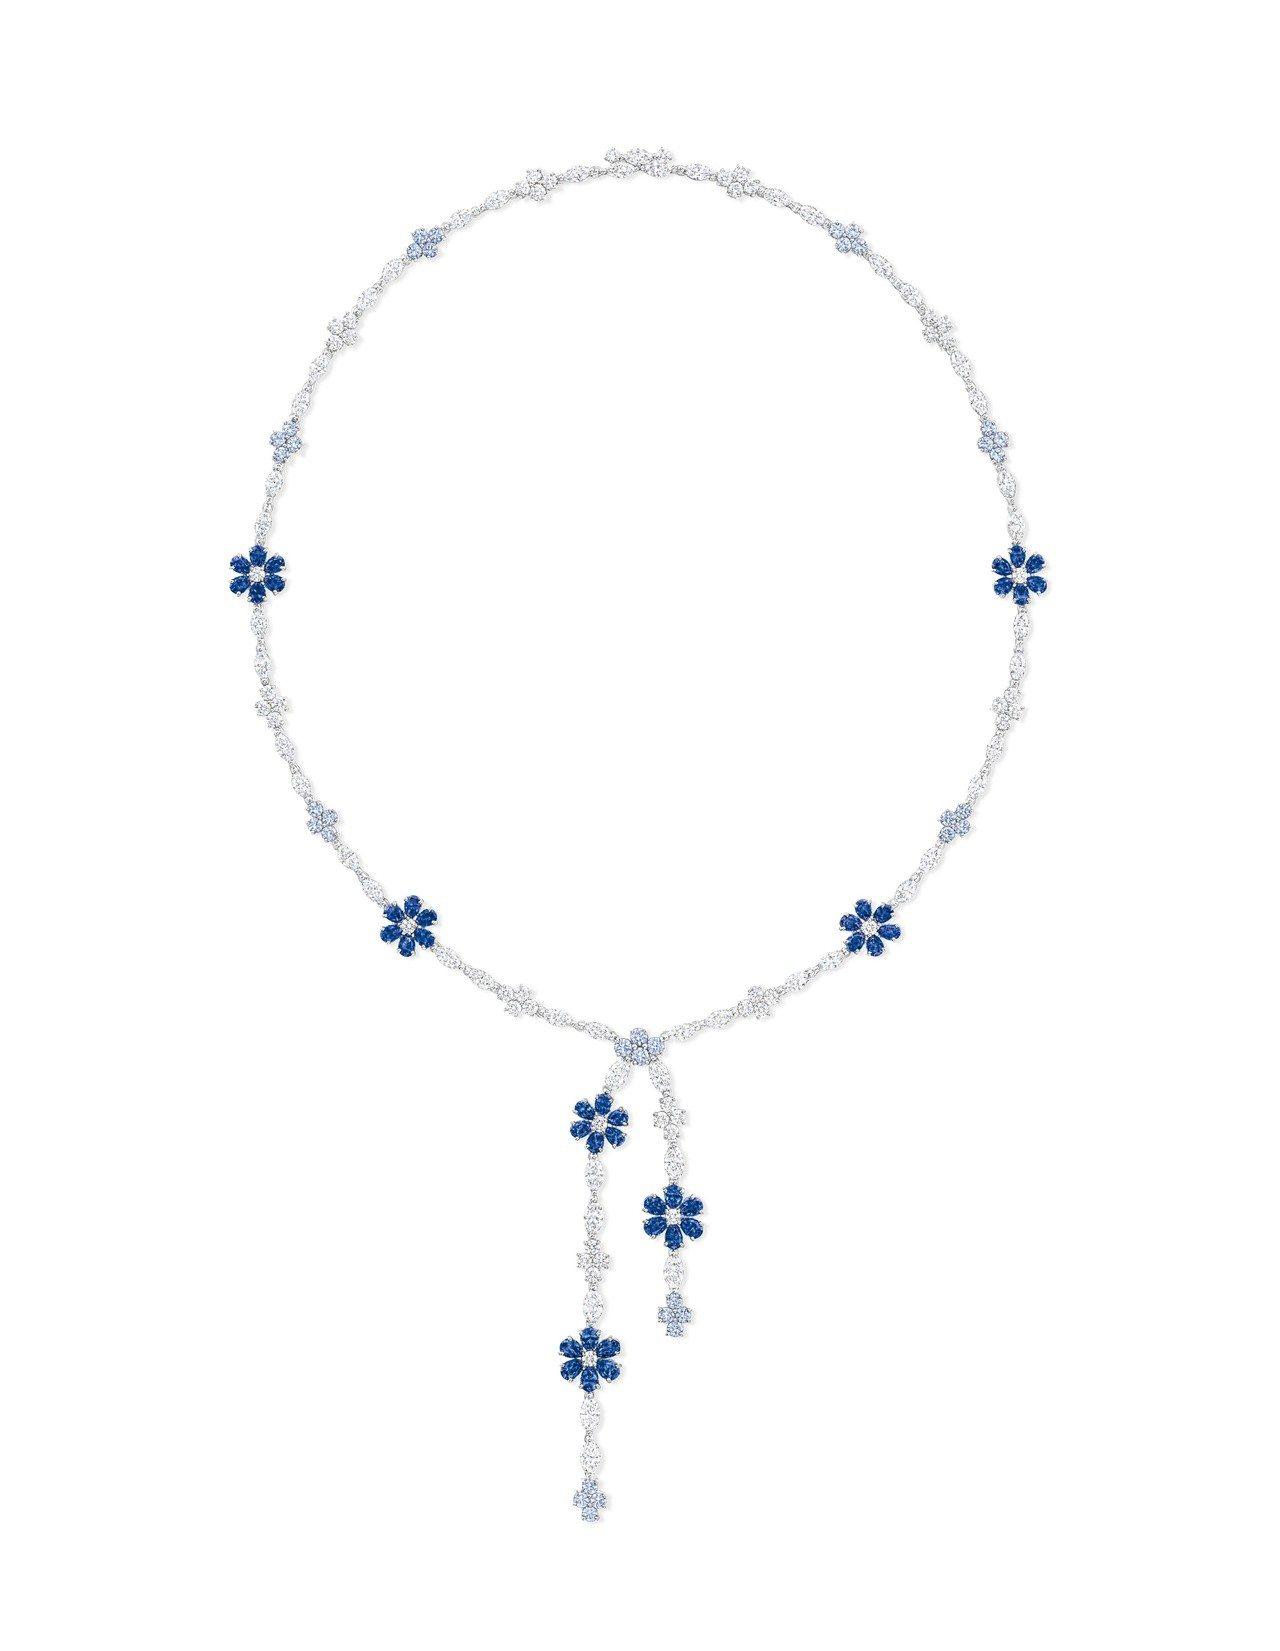 海瑞溫斯頓 勿忘我Forget-Me-Not Lariat藍寶石和鑽石項鍊。圖/...